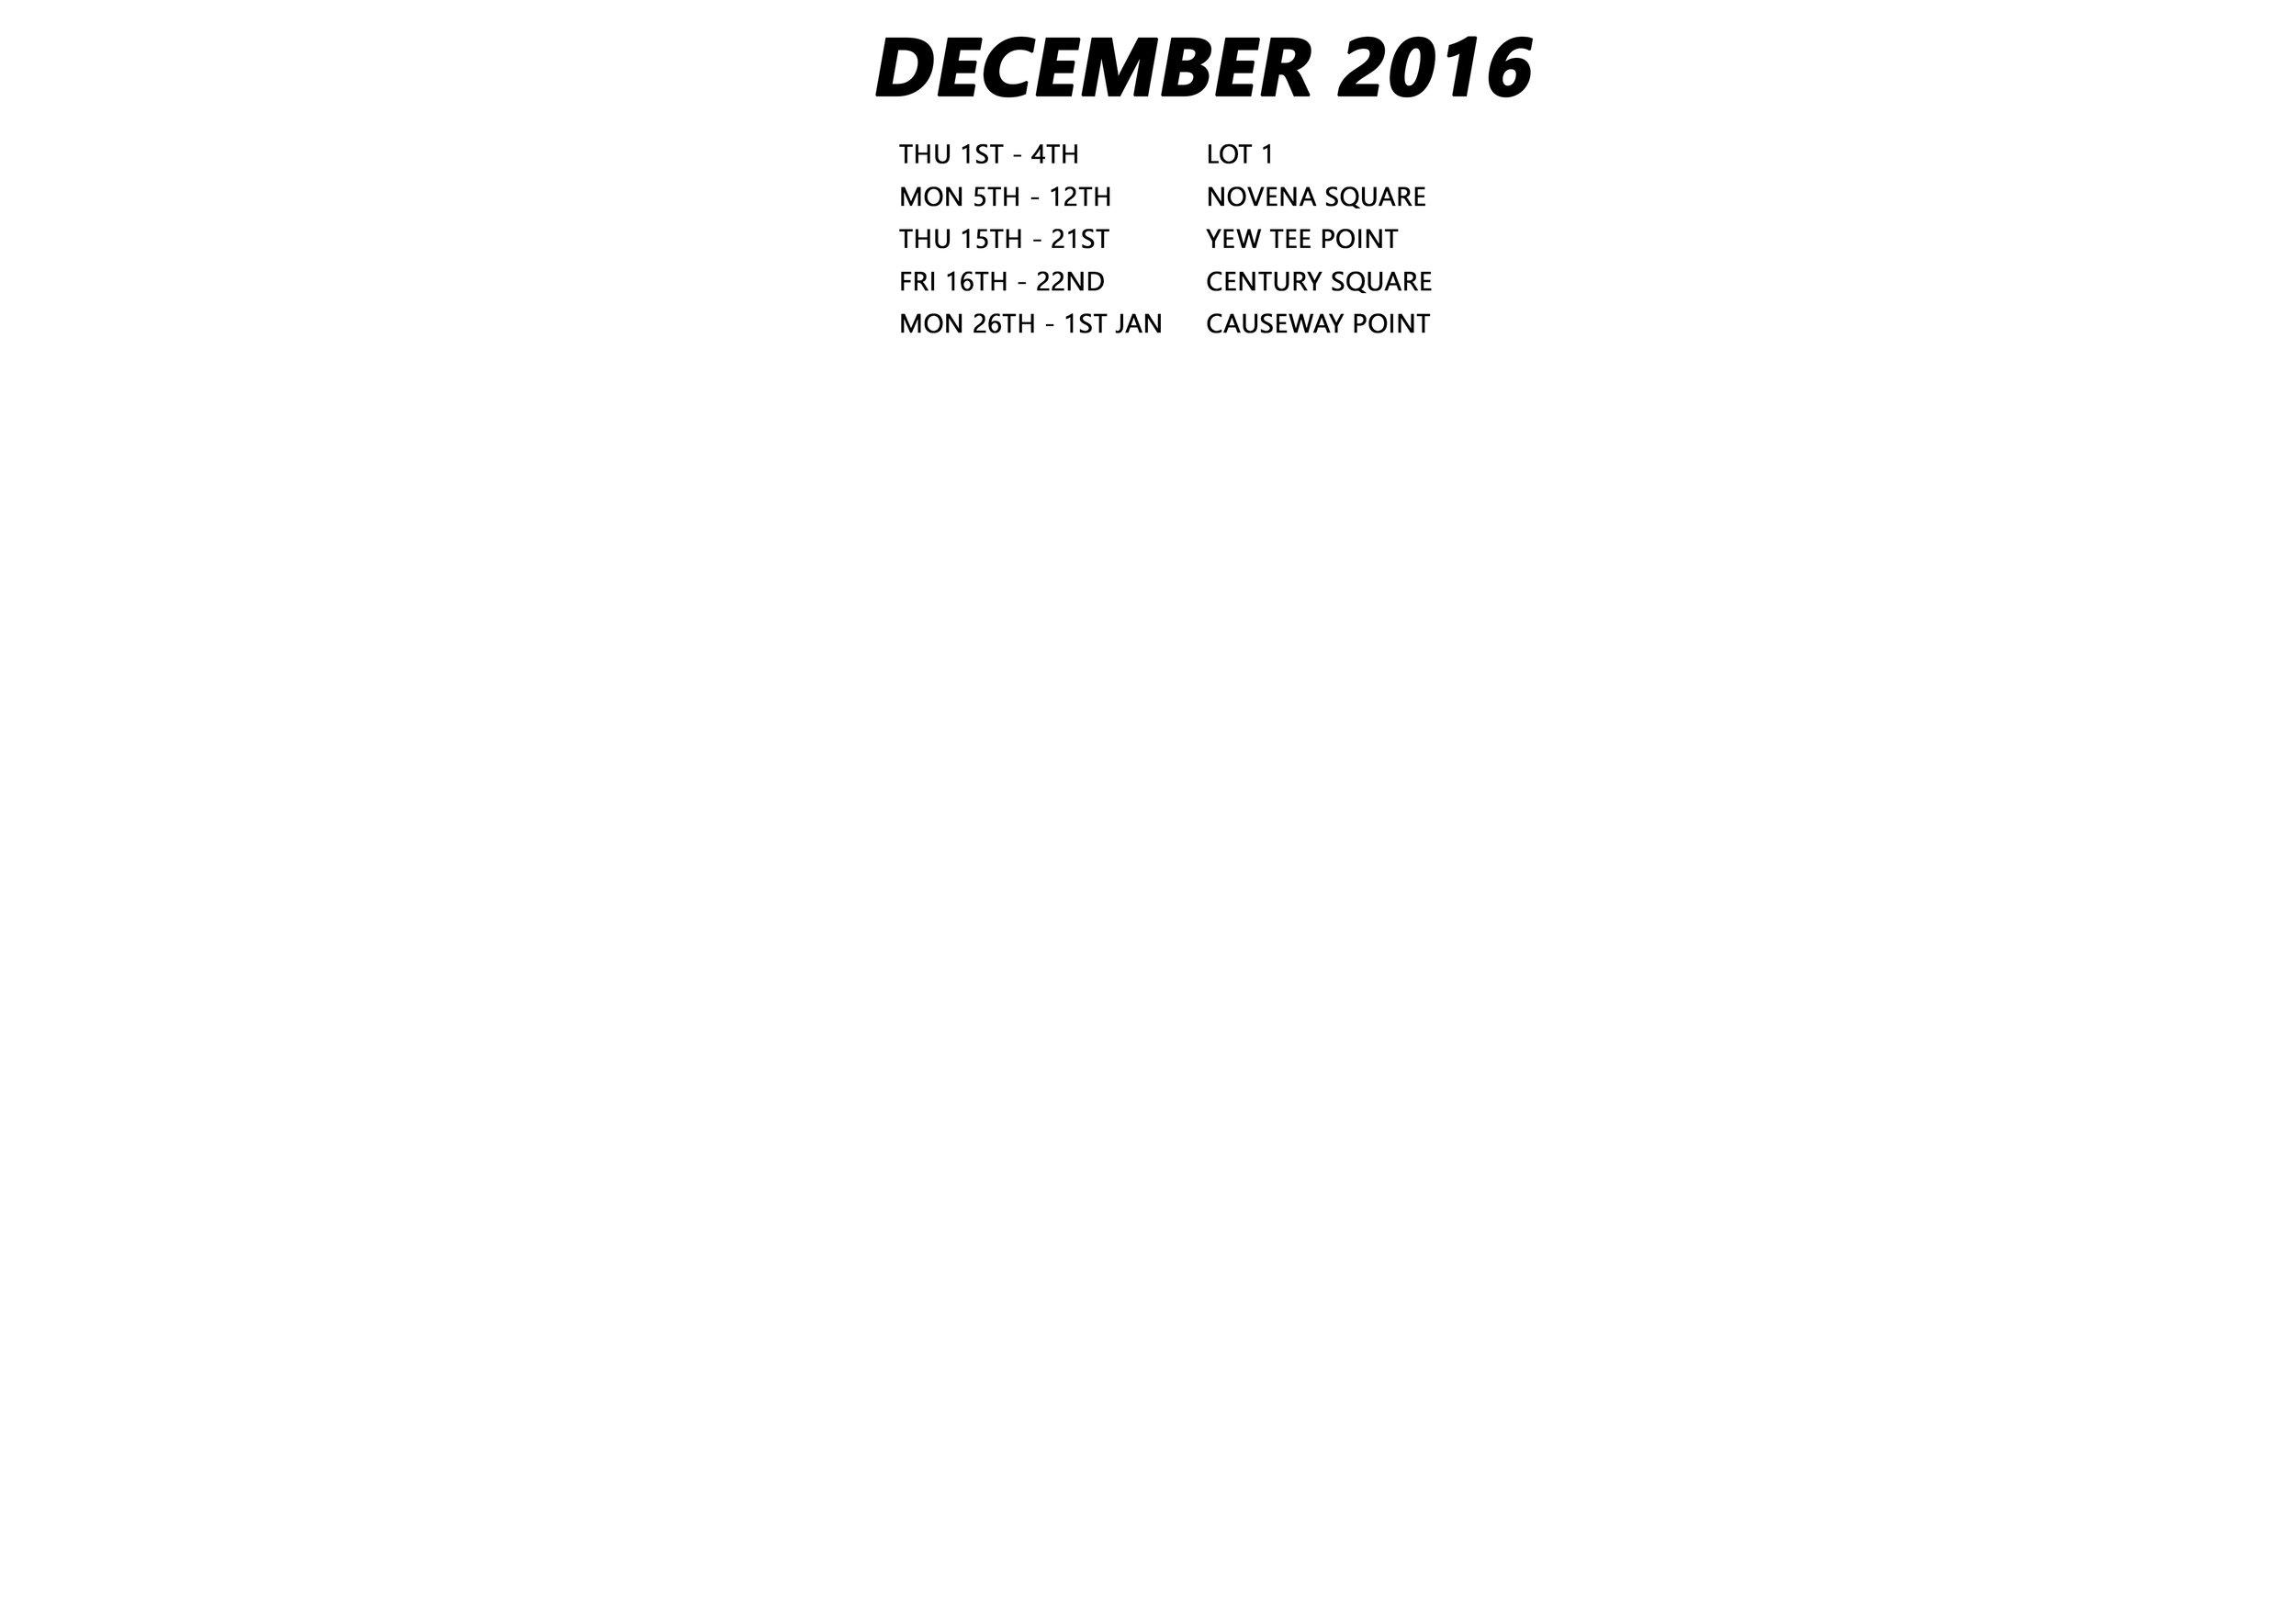 Dec 2016 fairs .jpg